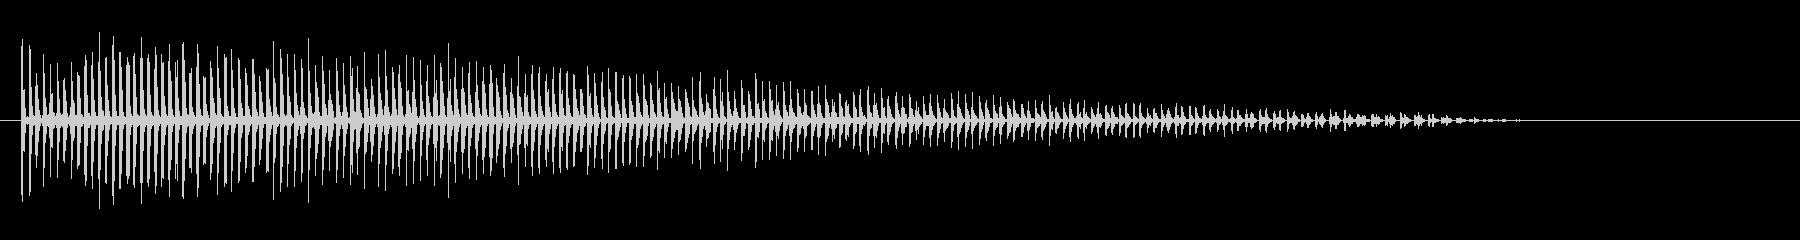 定番「カーッ!」ビブラスラップの音1生録の未再生の波形